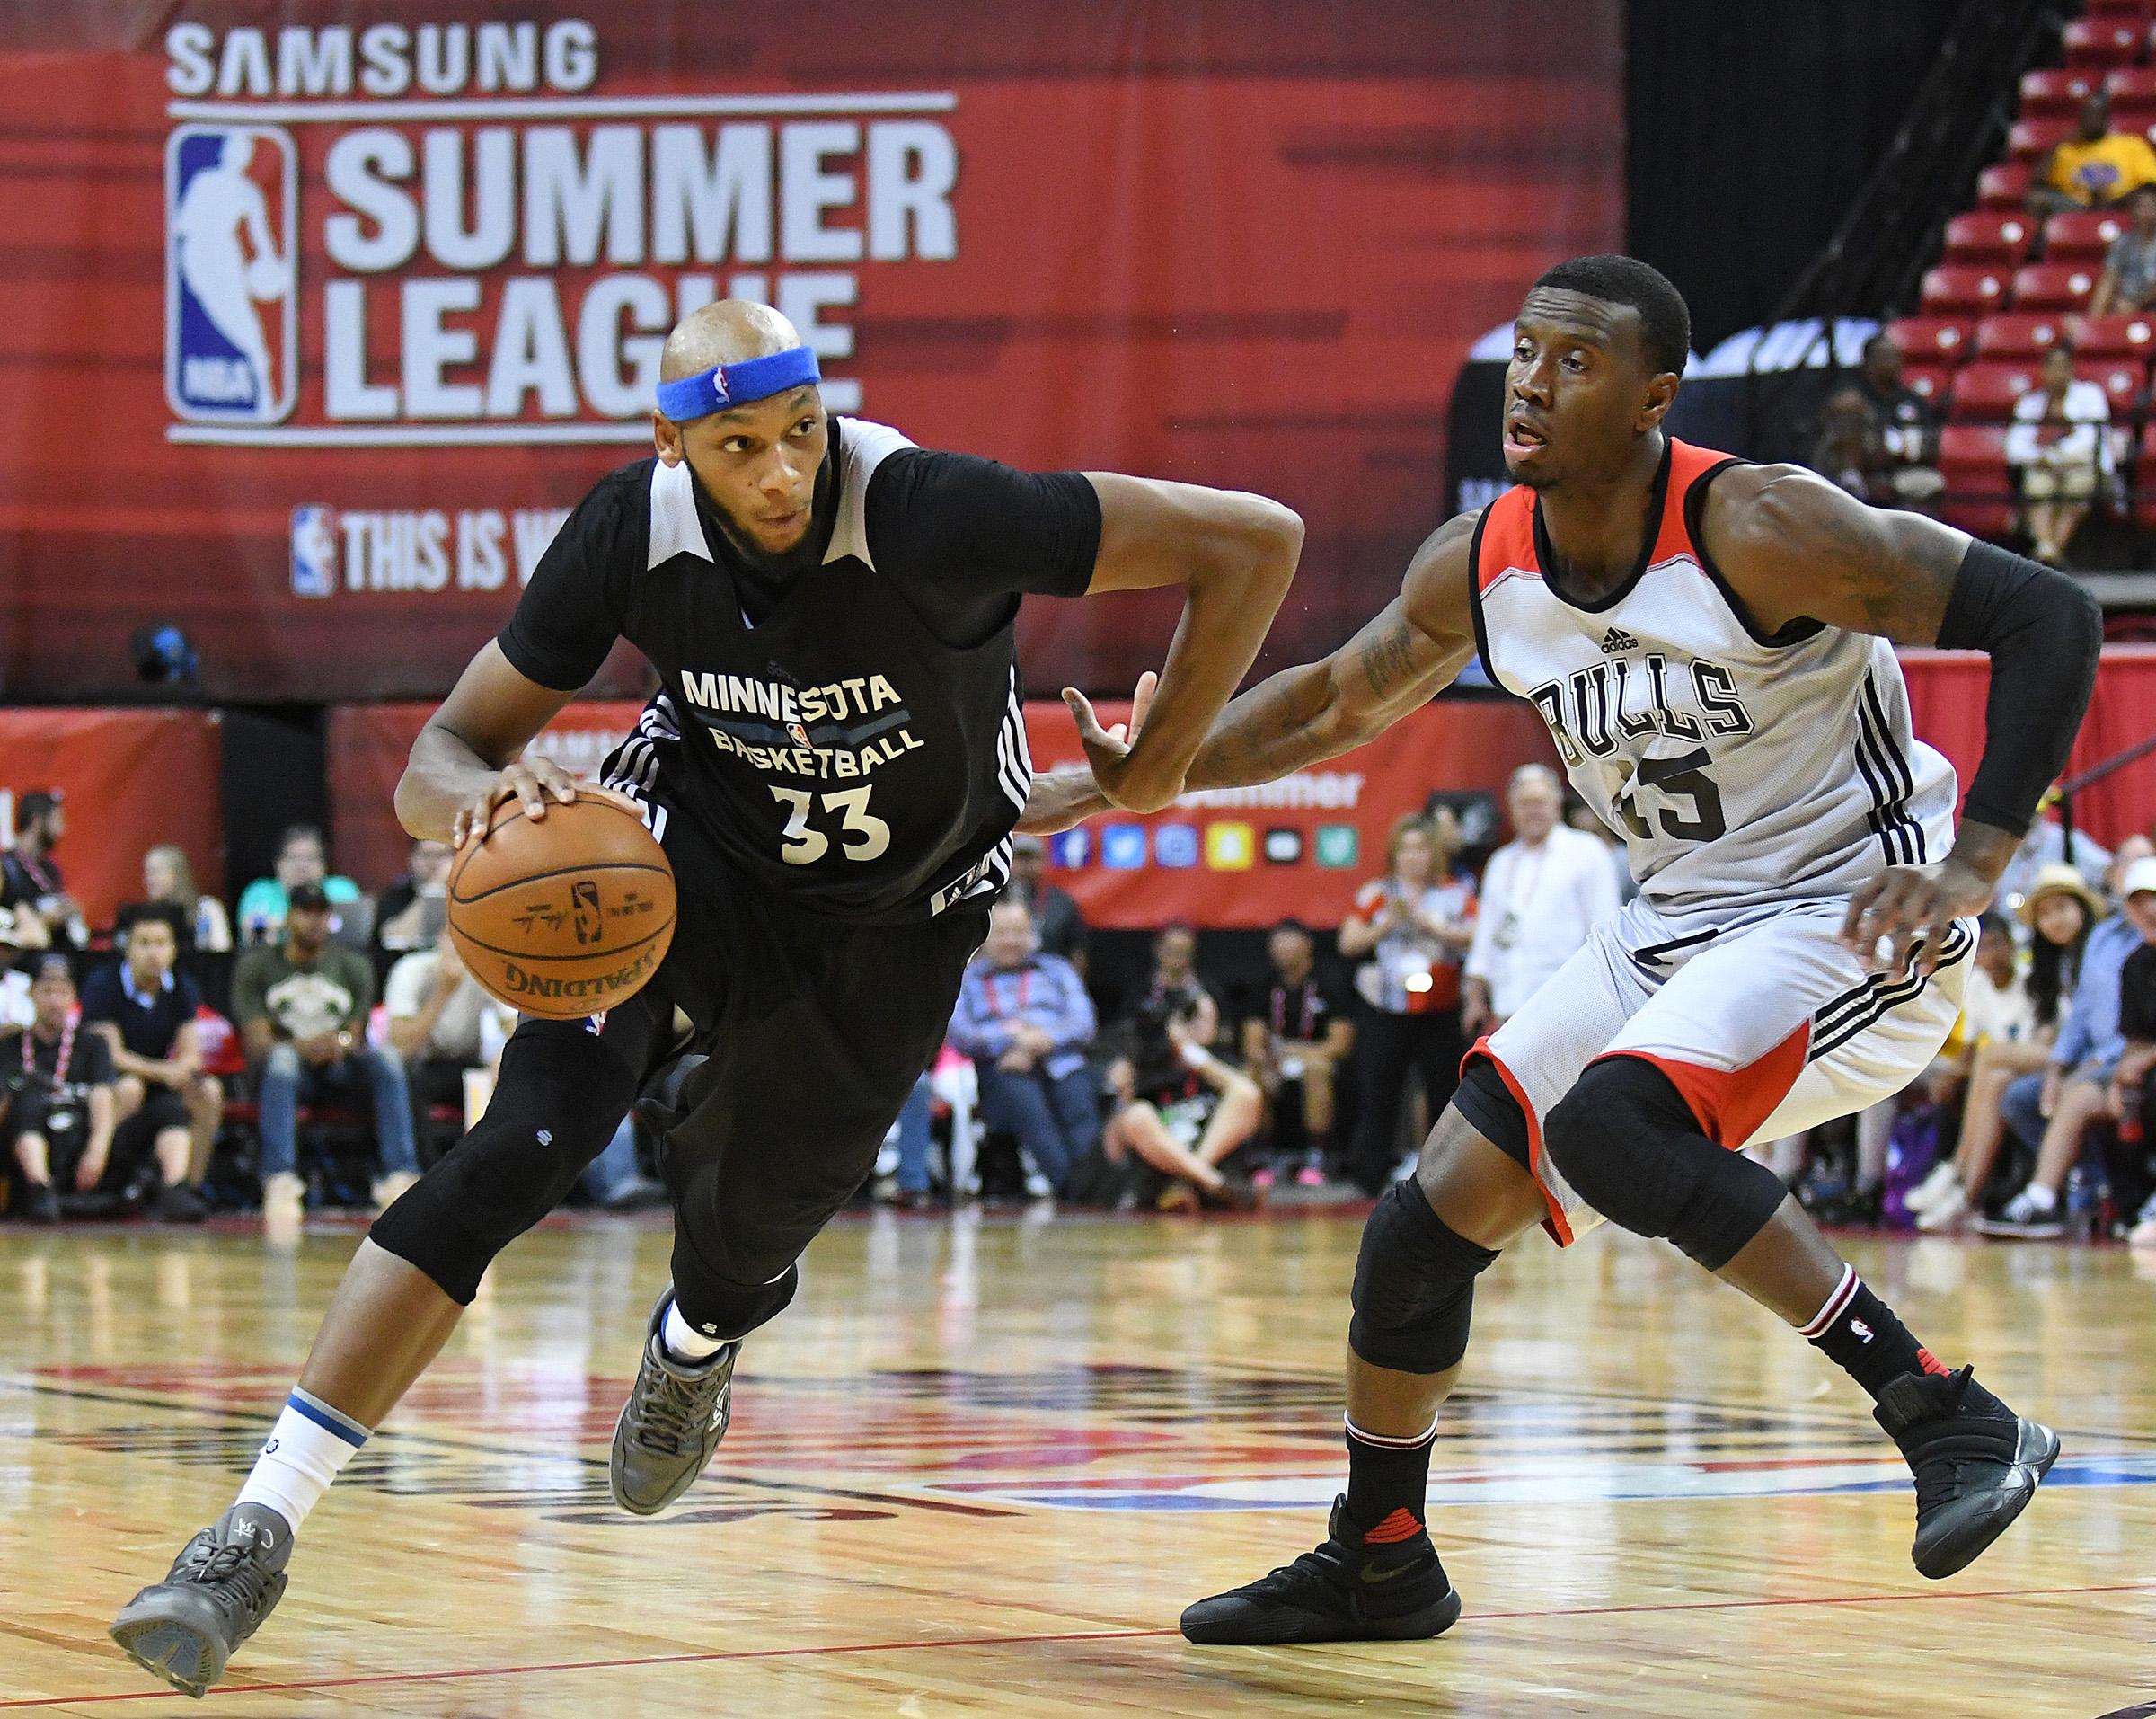 9390978-nba-summer-league-final-chicago-bulls-vs-minnesota-timberwolves